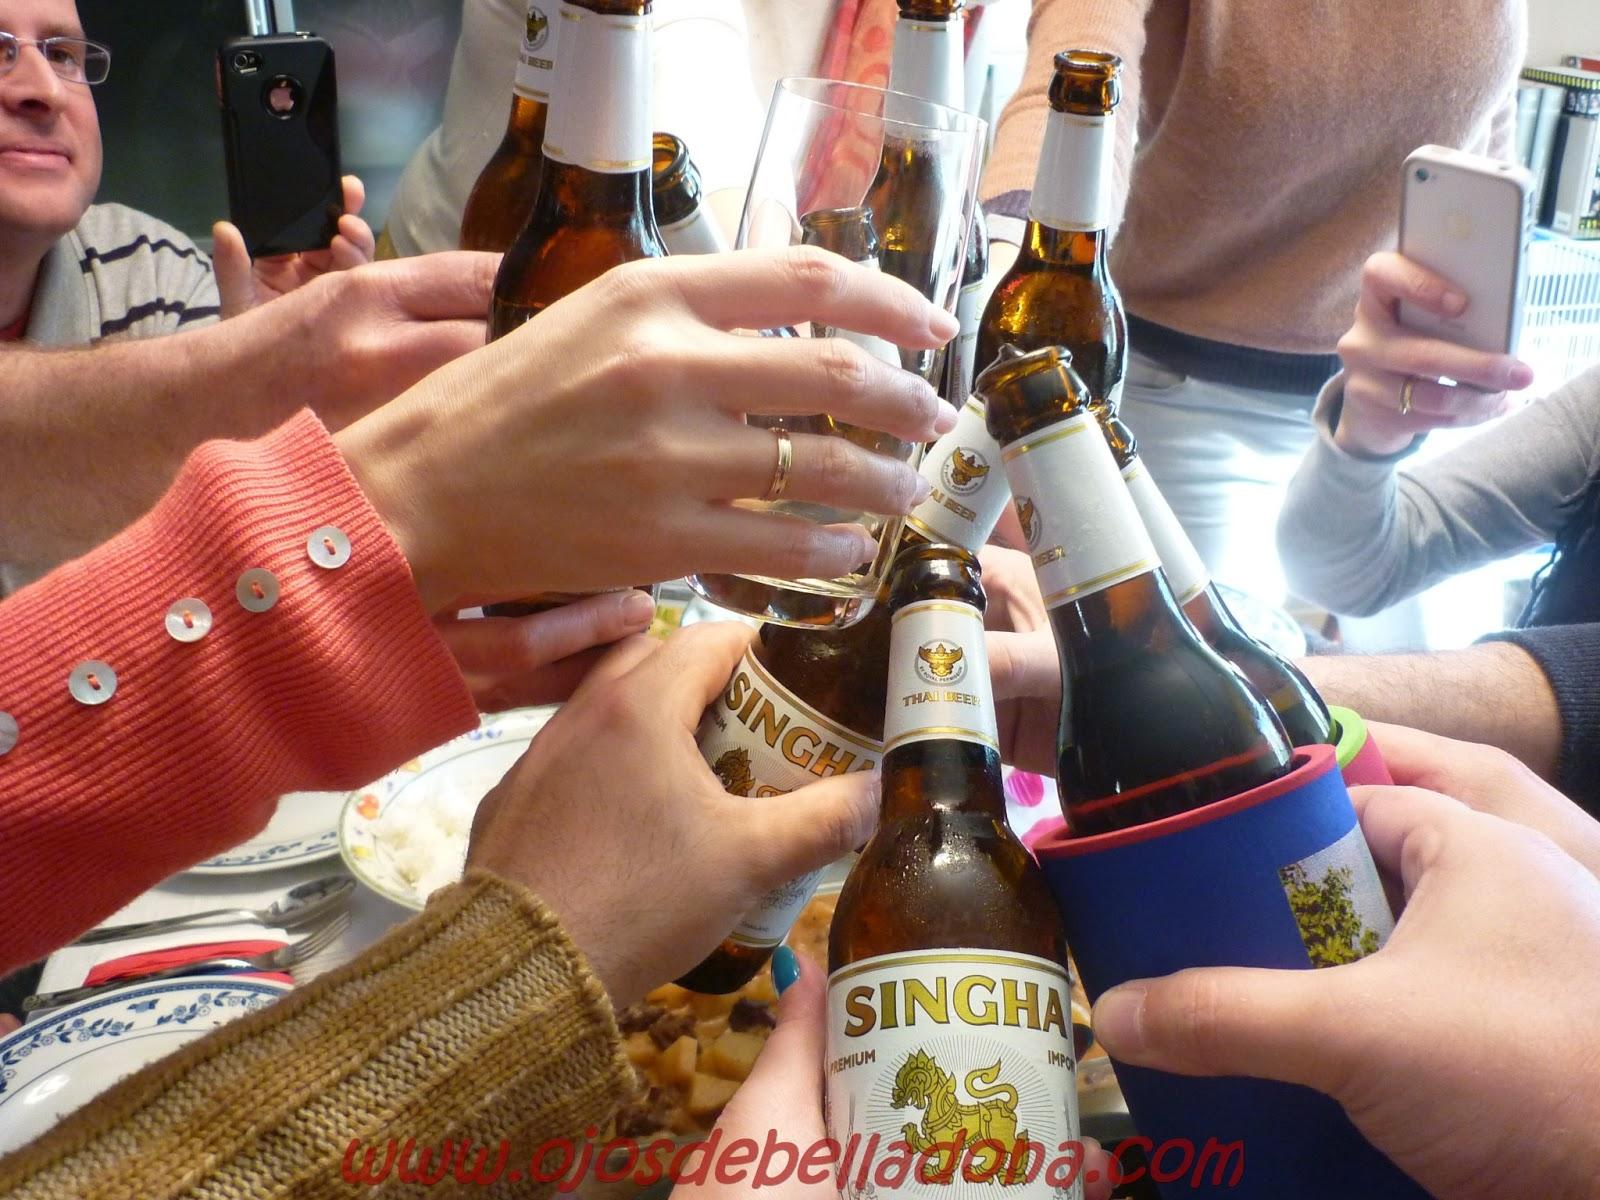 Cerveza Shinga